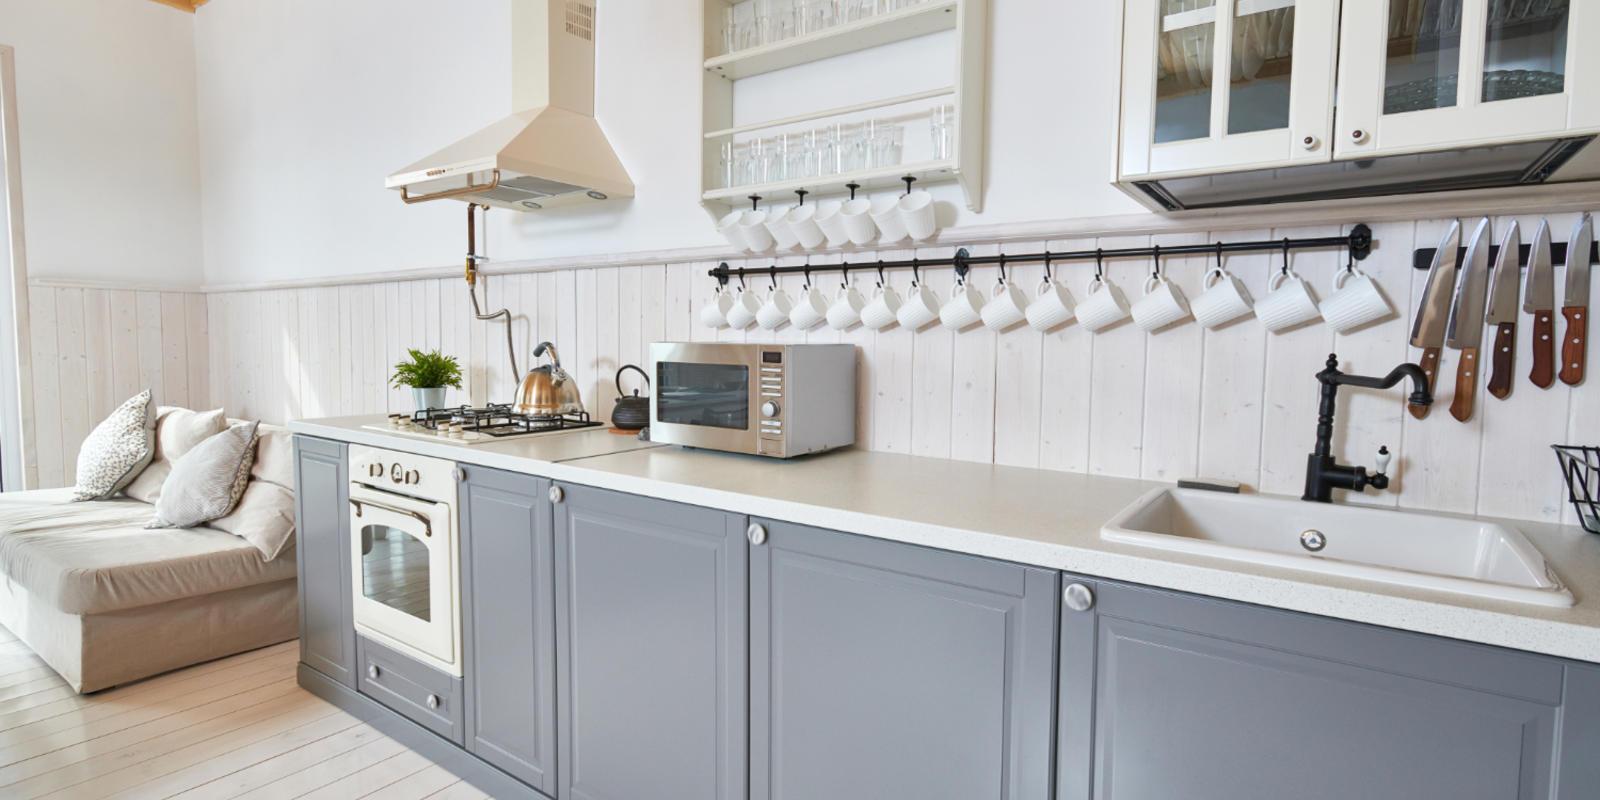 Huis gekocht keuken renovatie